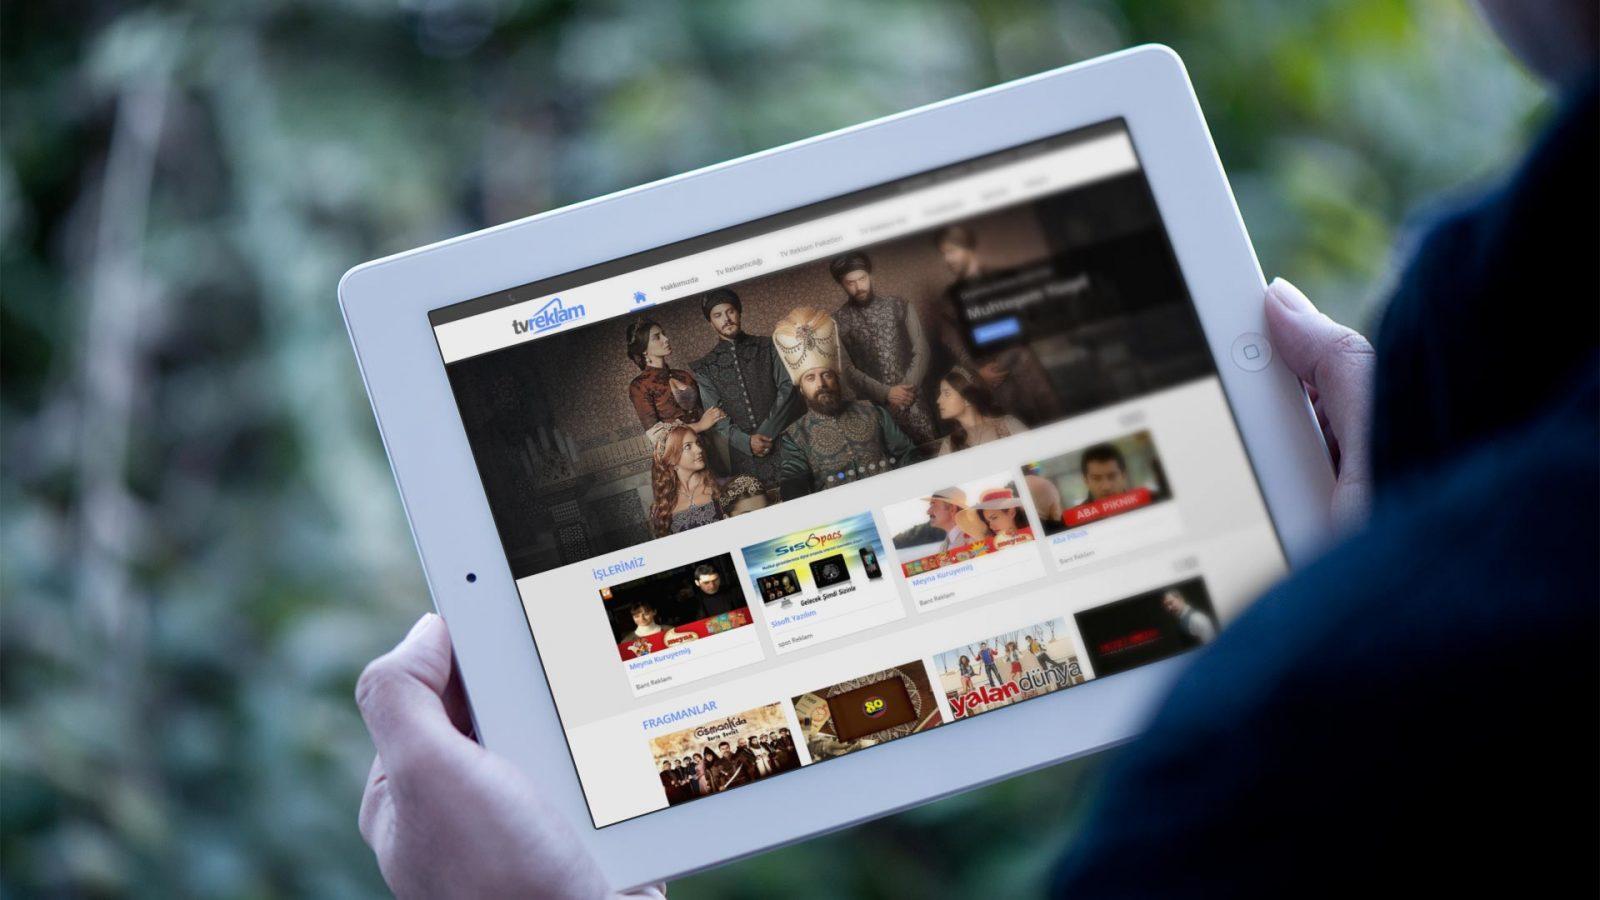 tvreklam responsive web sitesi tasarımı 03